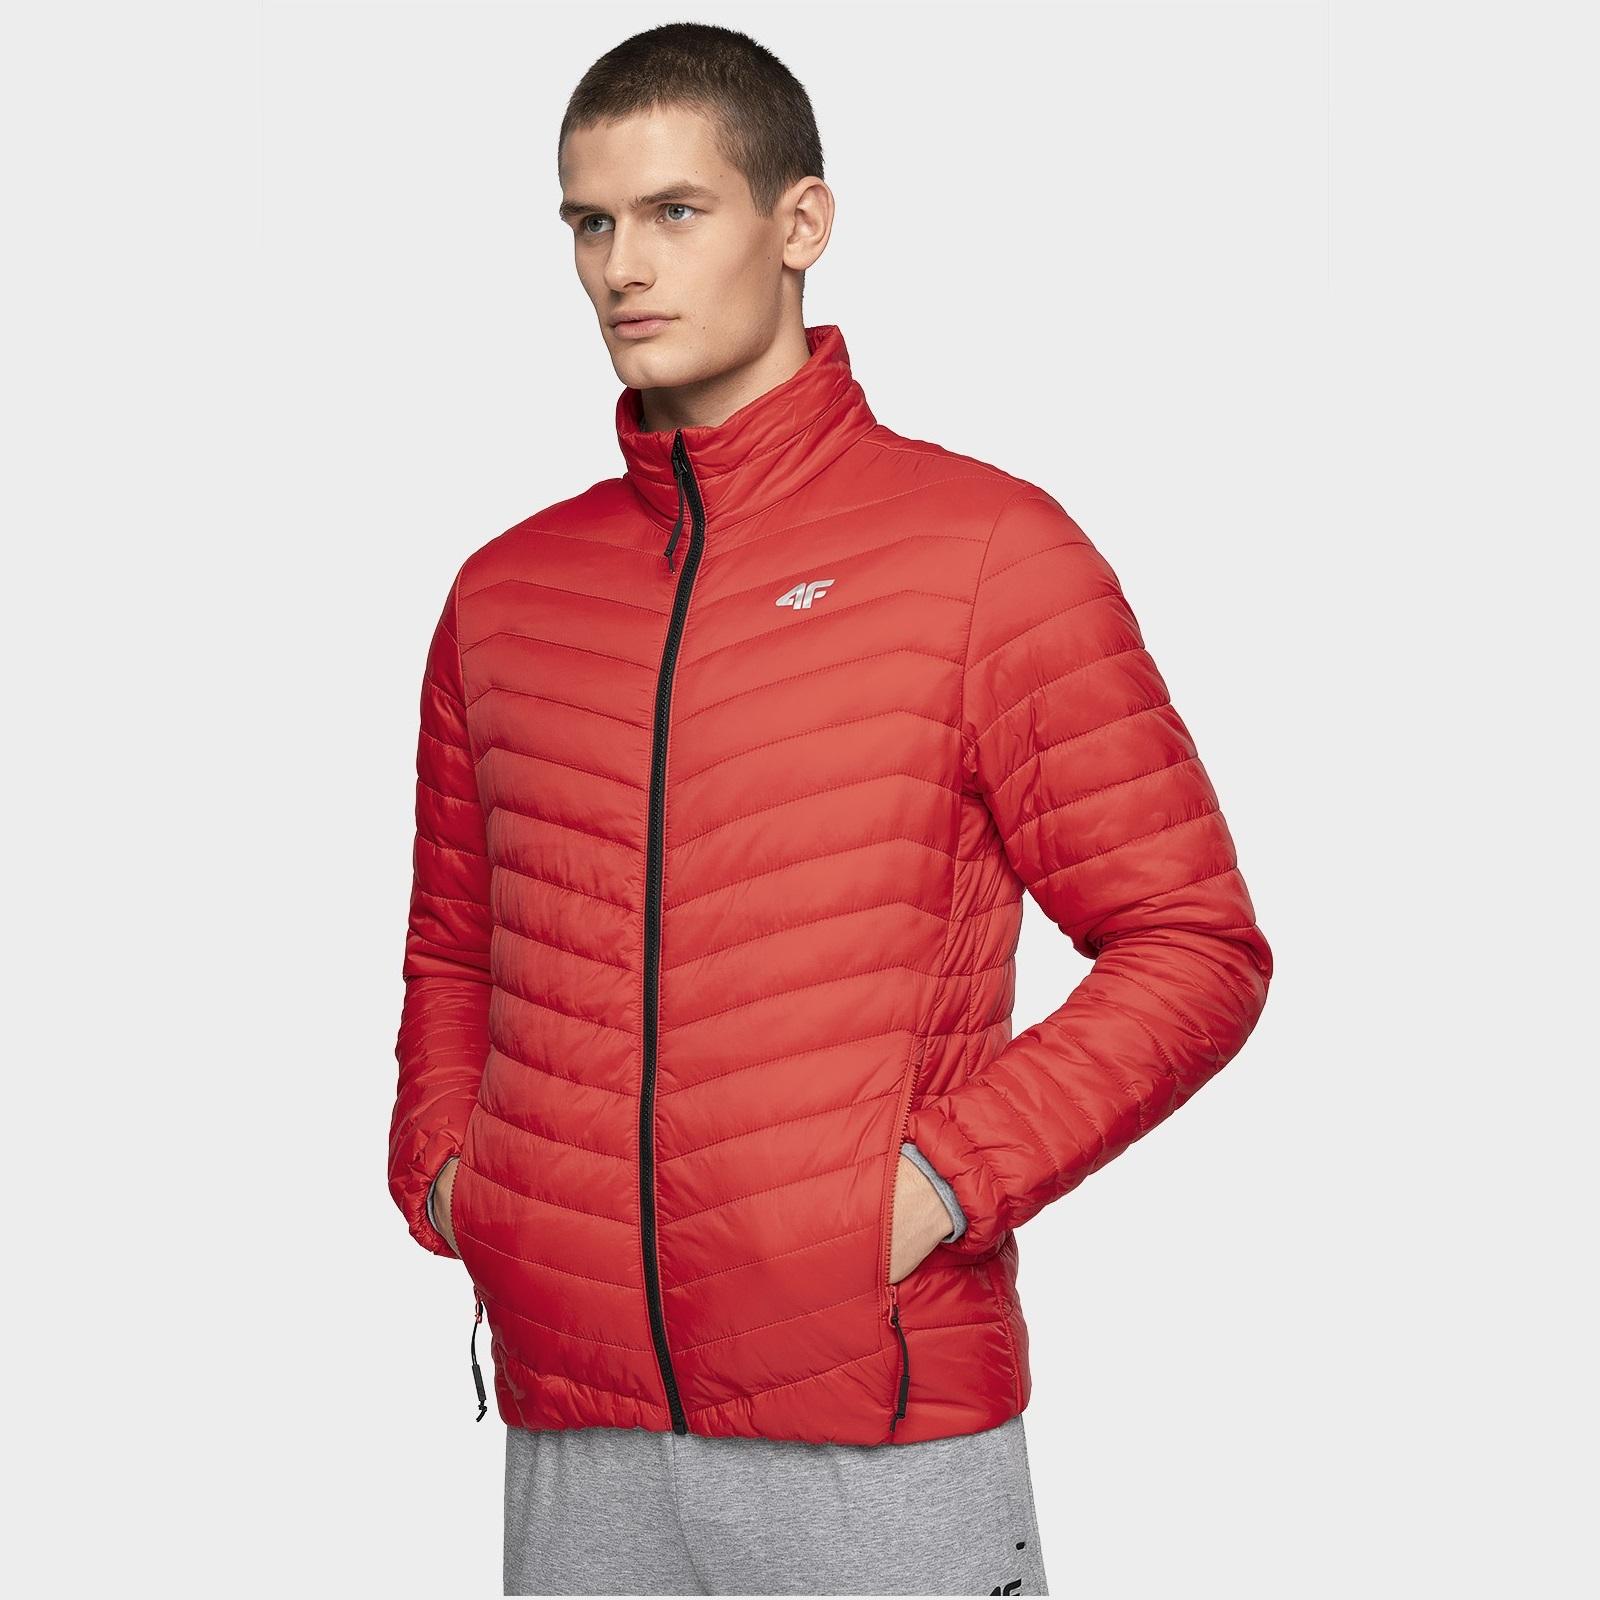 Îmbrăcăminte Iarnă -  4f Men Insulated Primaloft Jacket KUMP002A